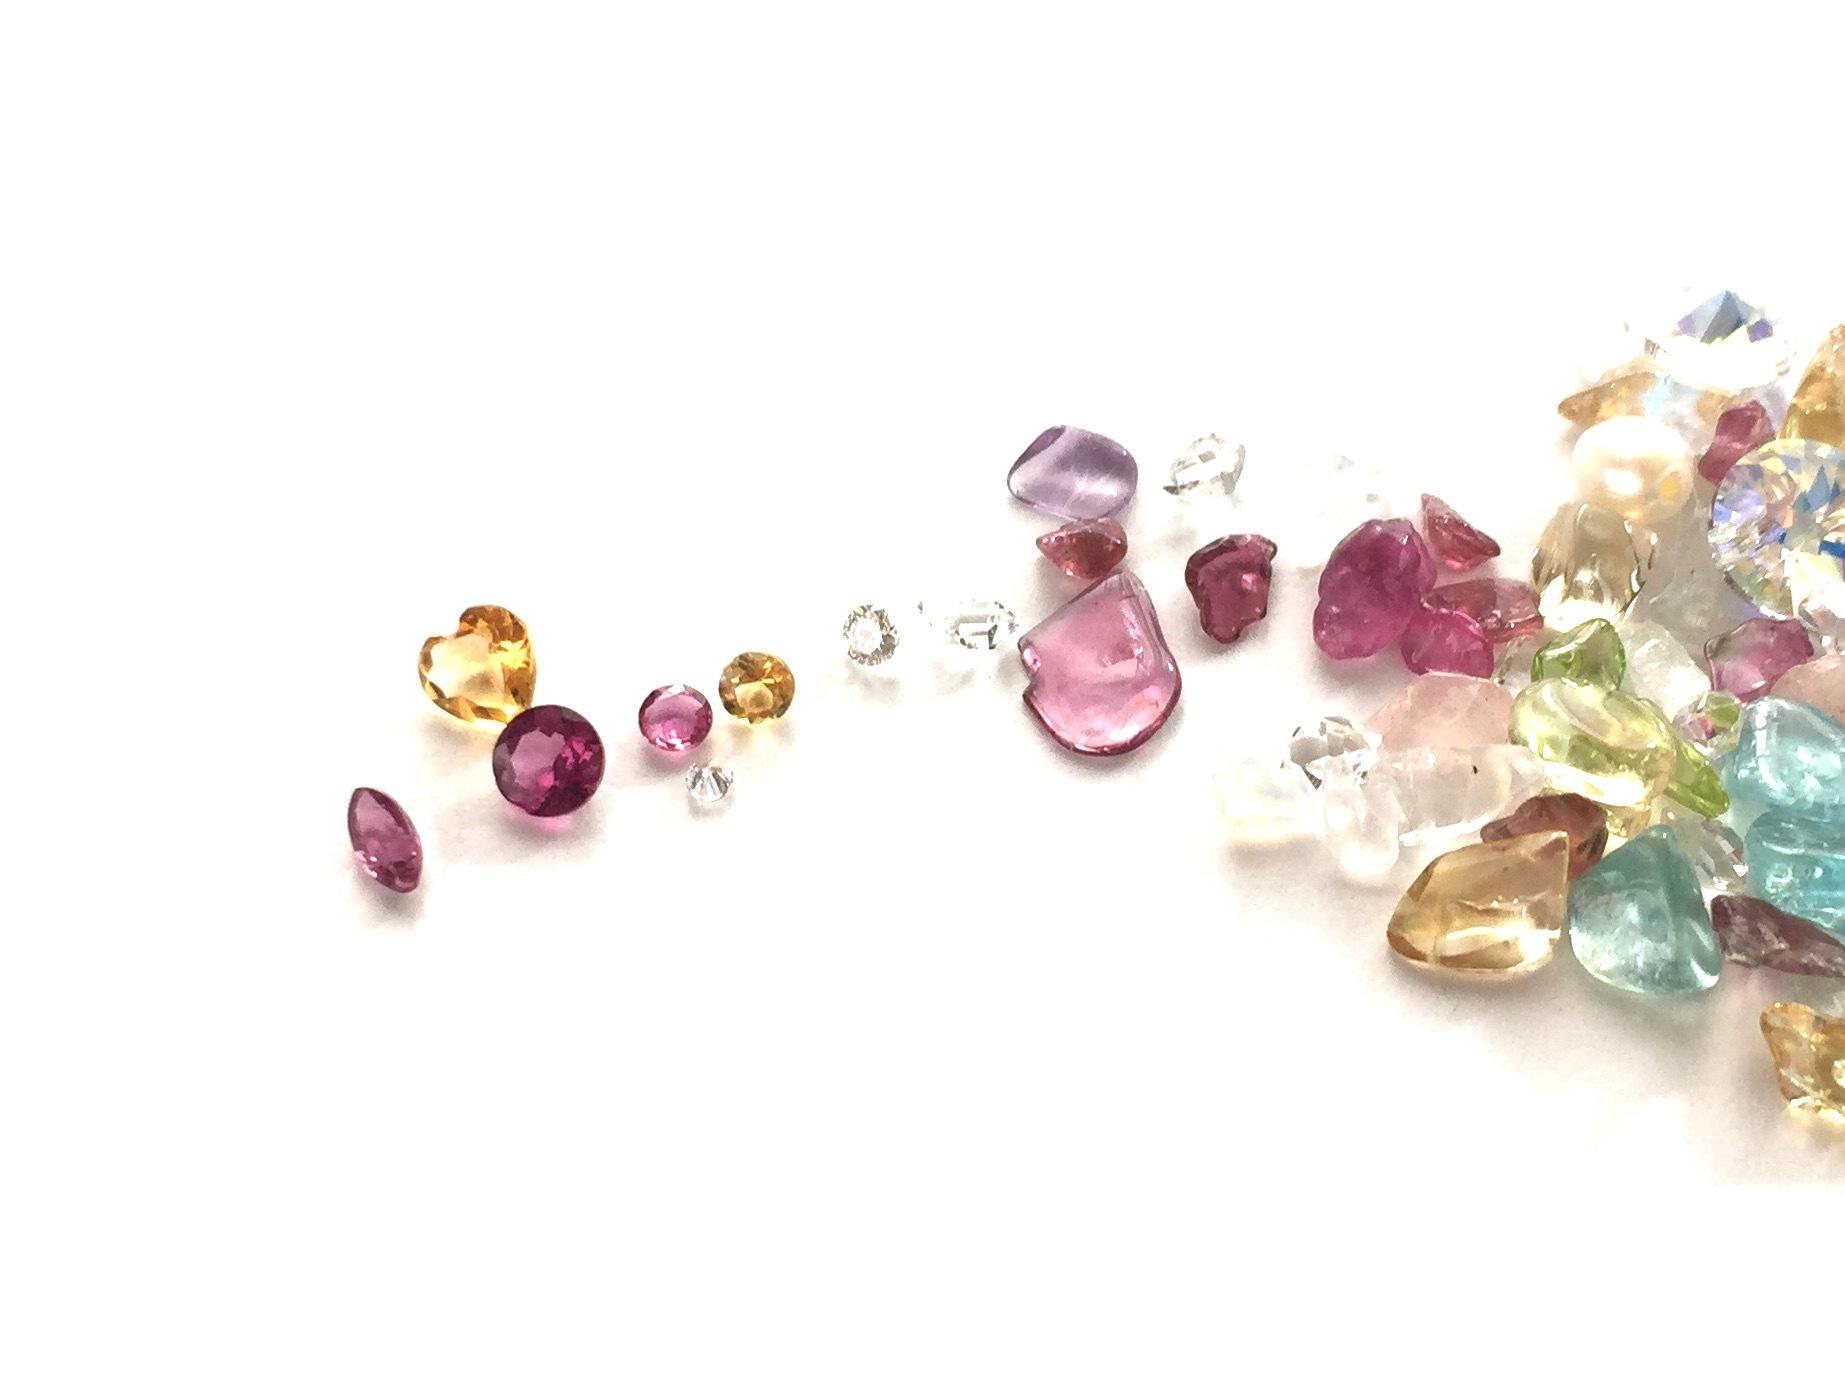 宝石の万華鏡のもと_b0129832_09015165.jpg